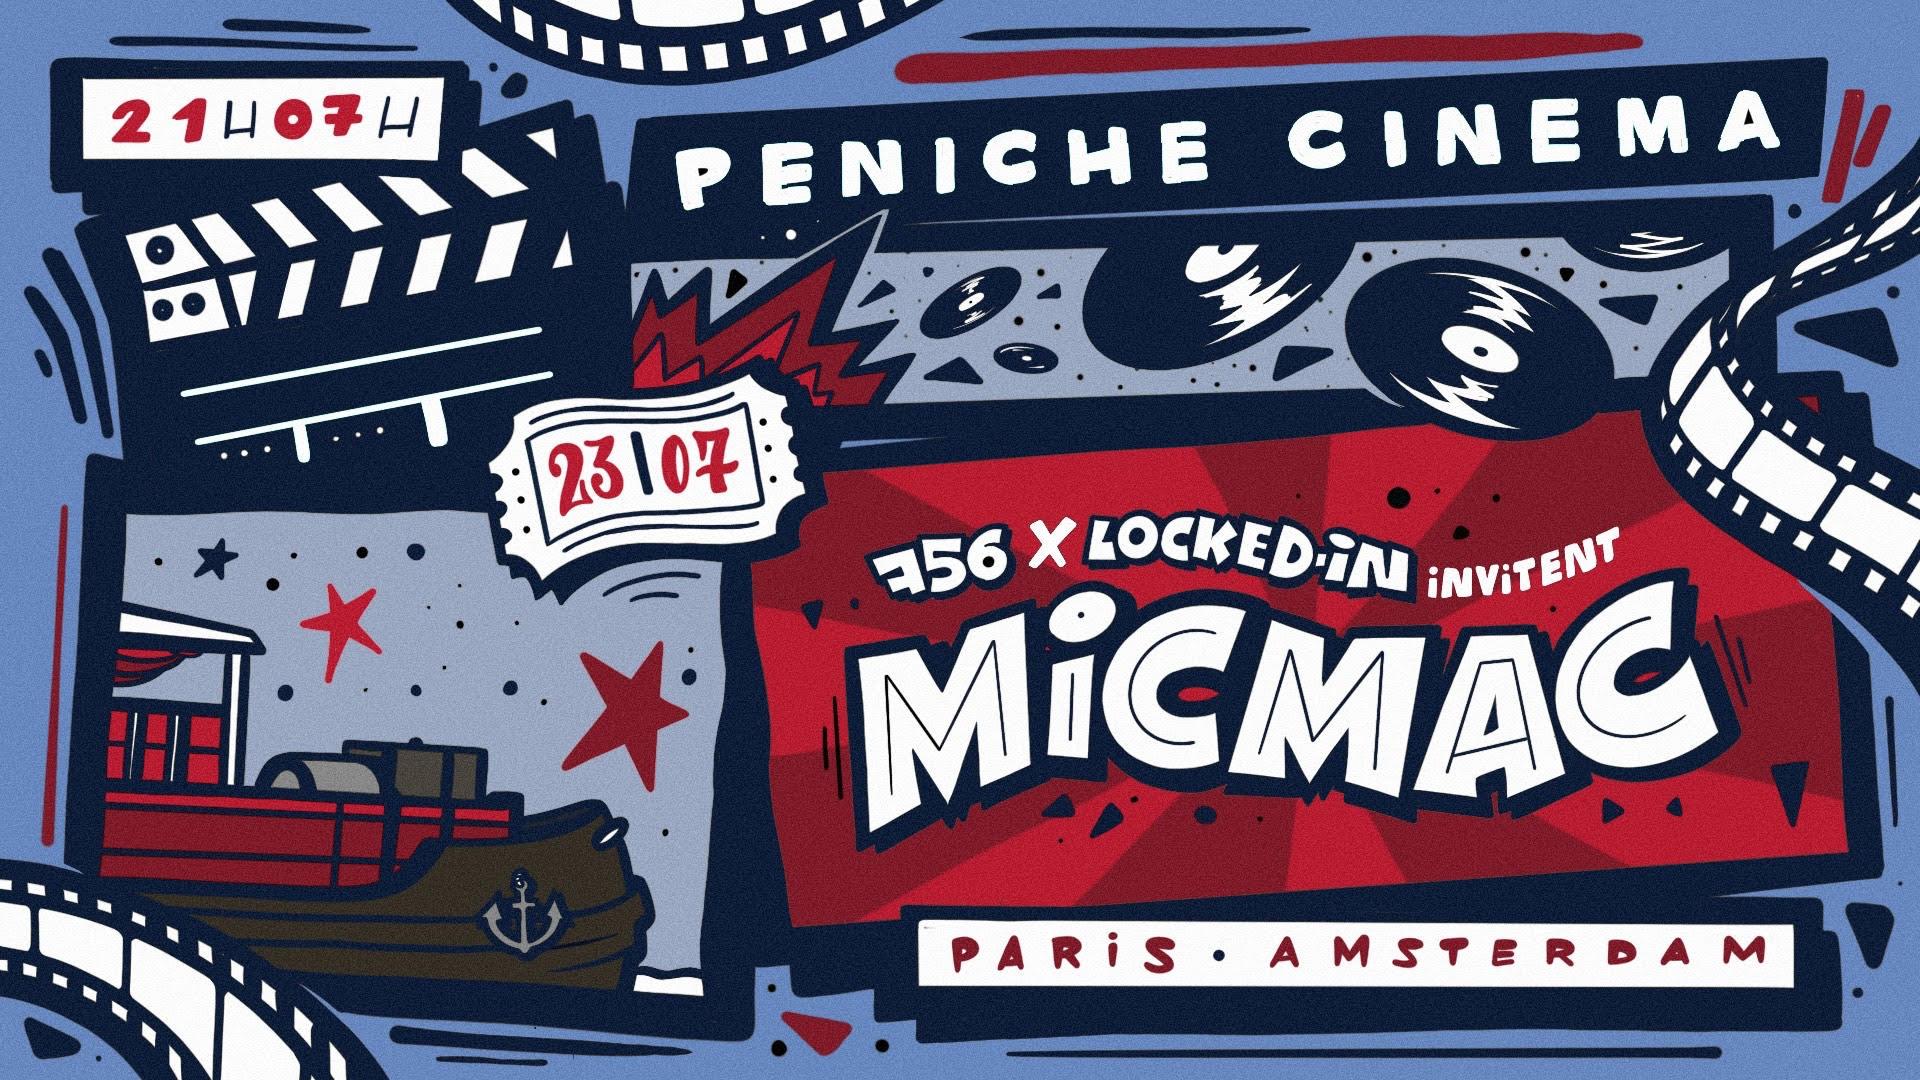 756 x Locked-in invitent Micmac